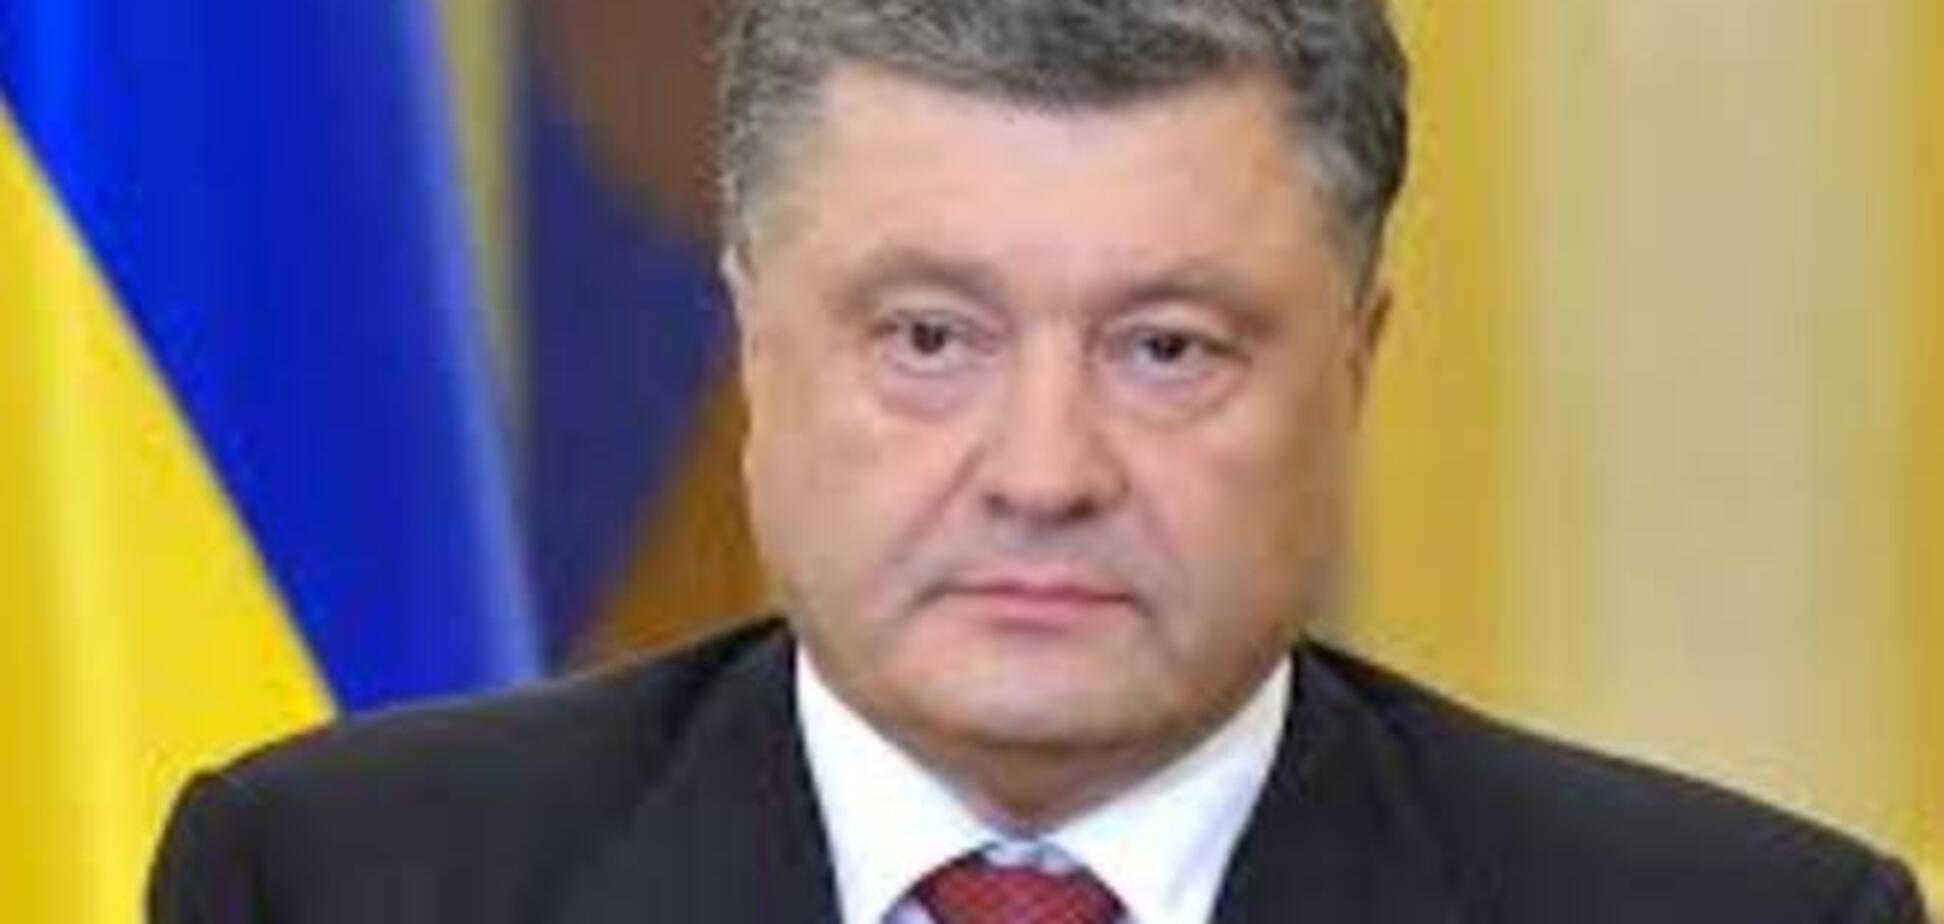 Порошенко рассказал, когда восстановят соцвыплаты на оккупированных территориях Донбасса